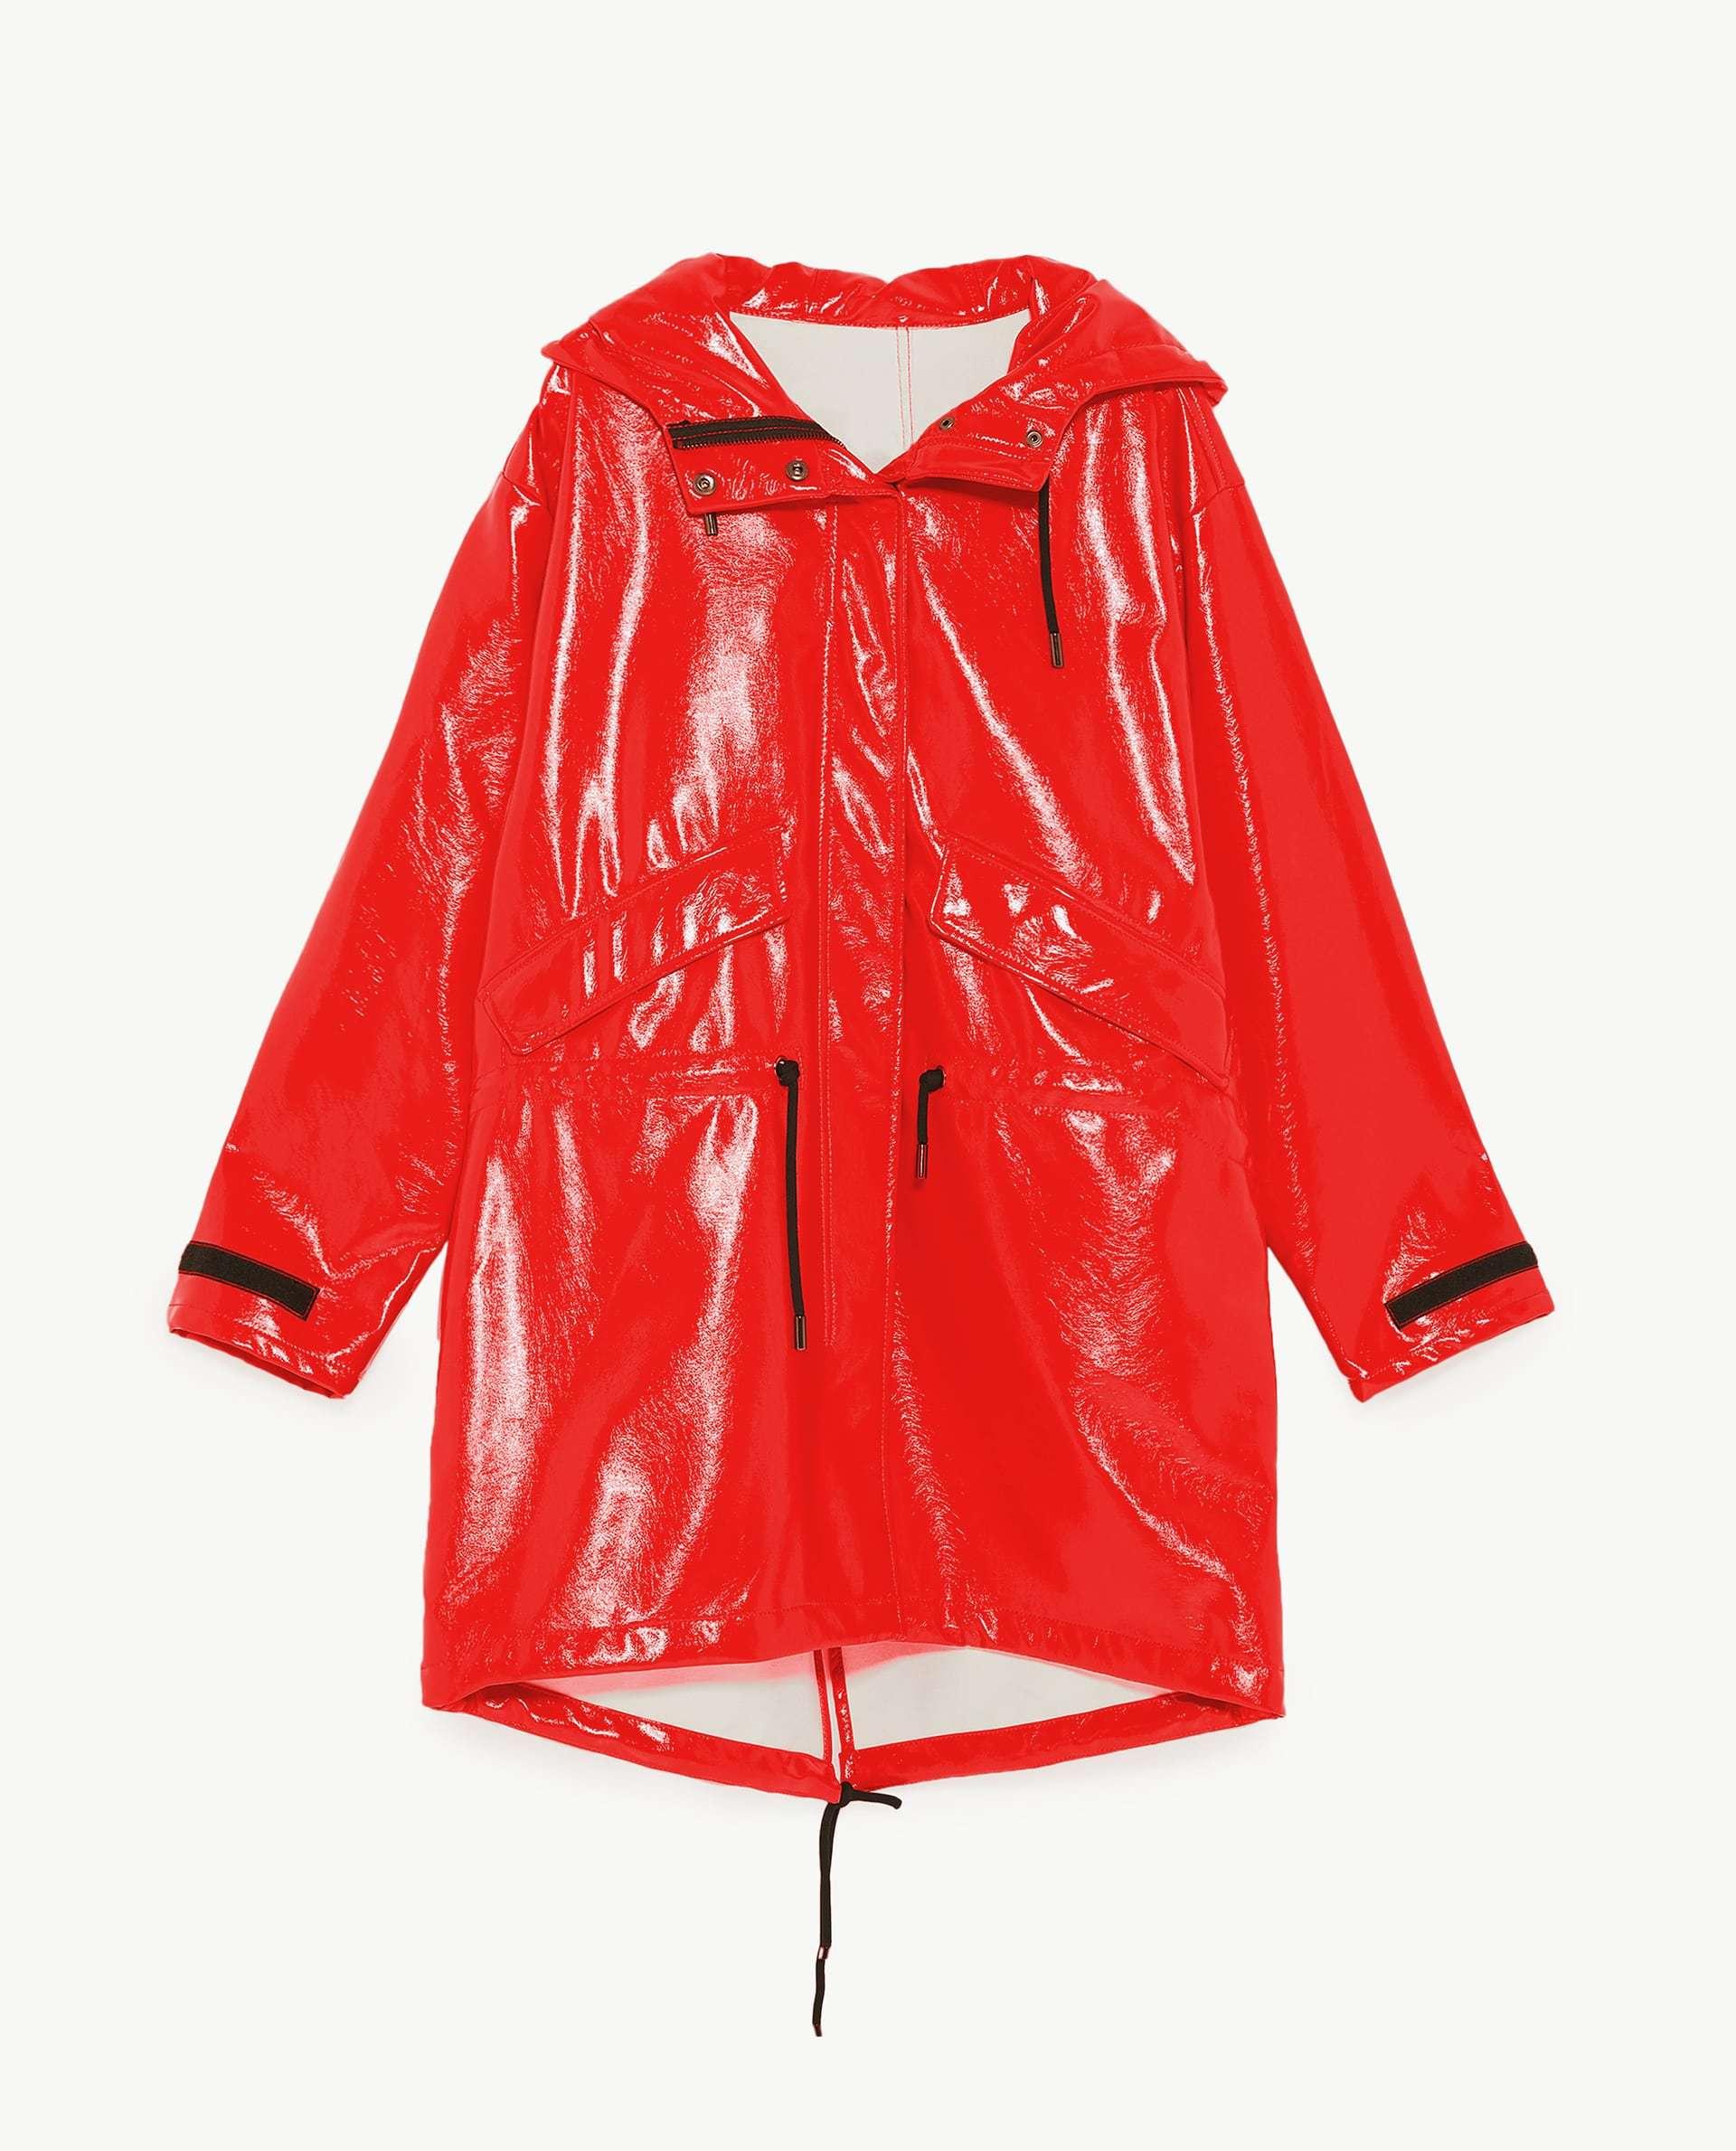 Chubasquero rojo de Zara (49,95 euros).